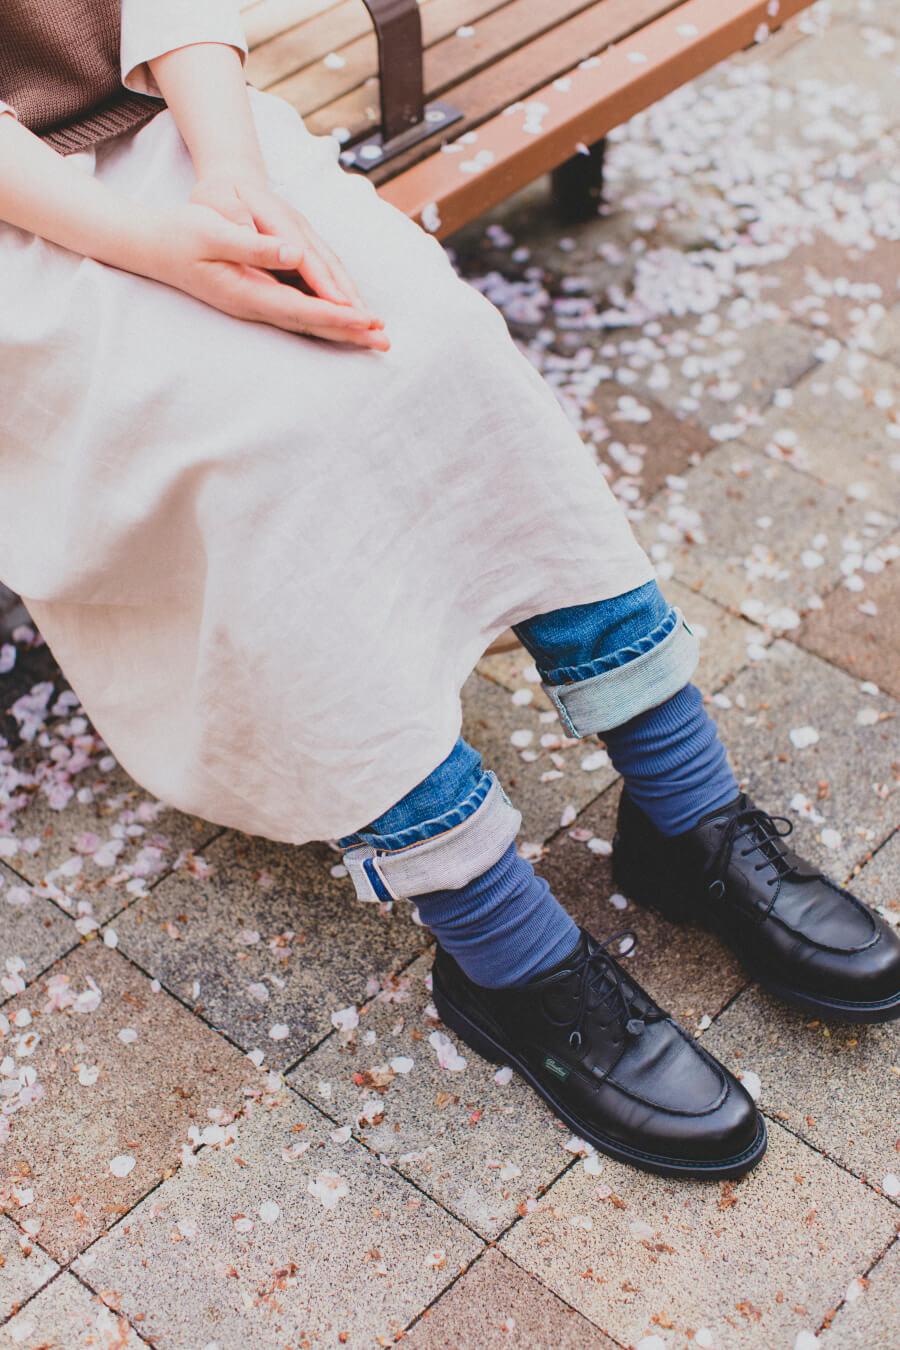 当たりつきギフト専用靴下のLUCKY SOCKS(ラッキーソックス)のLight Ankle Socks(ライトアンクルソックス)のインディゴ_image2